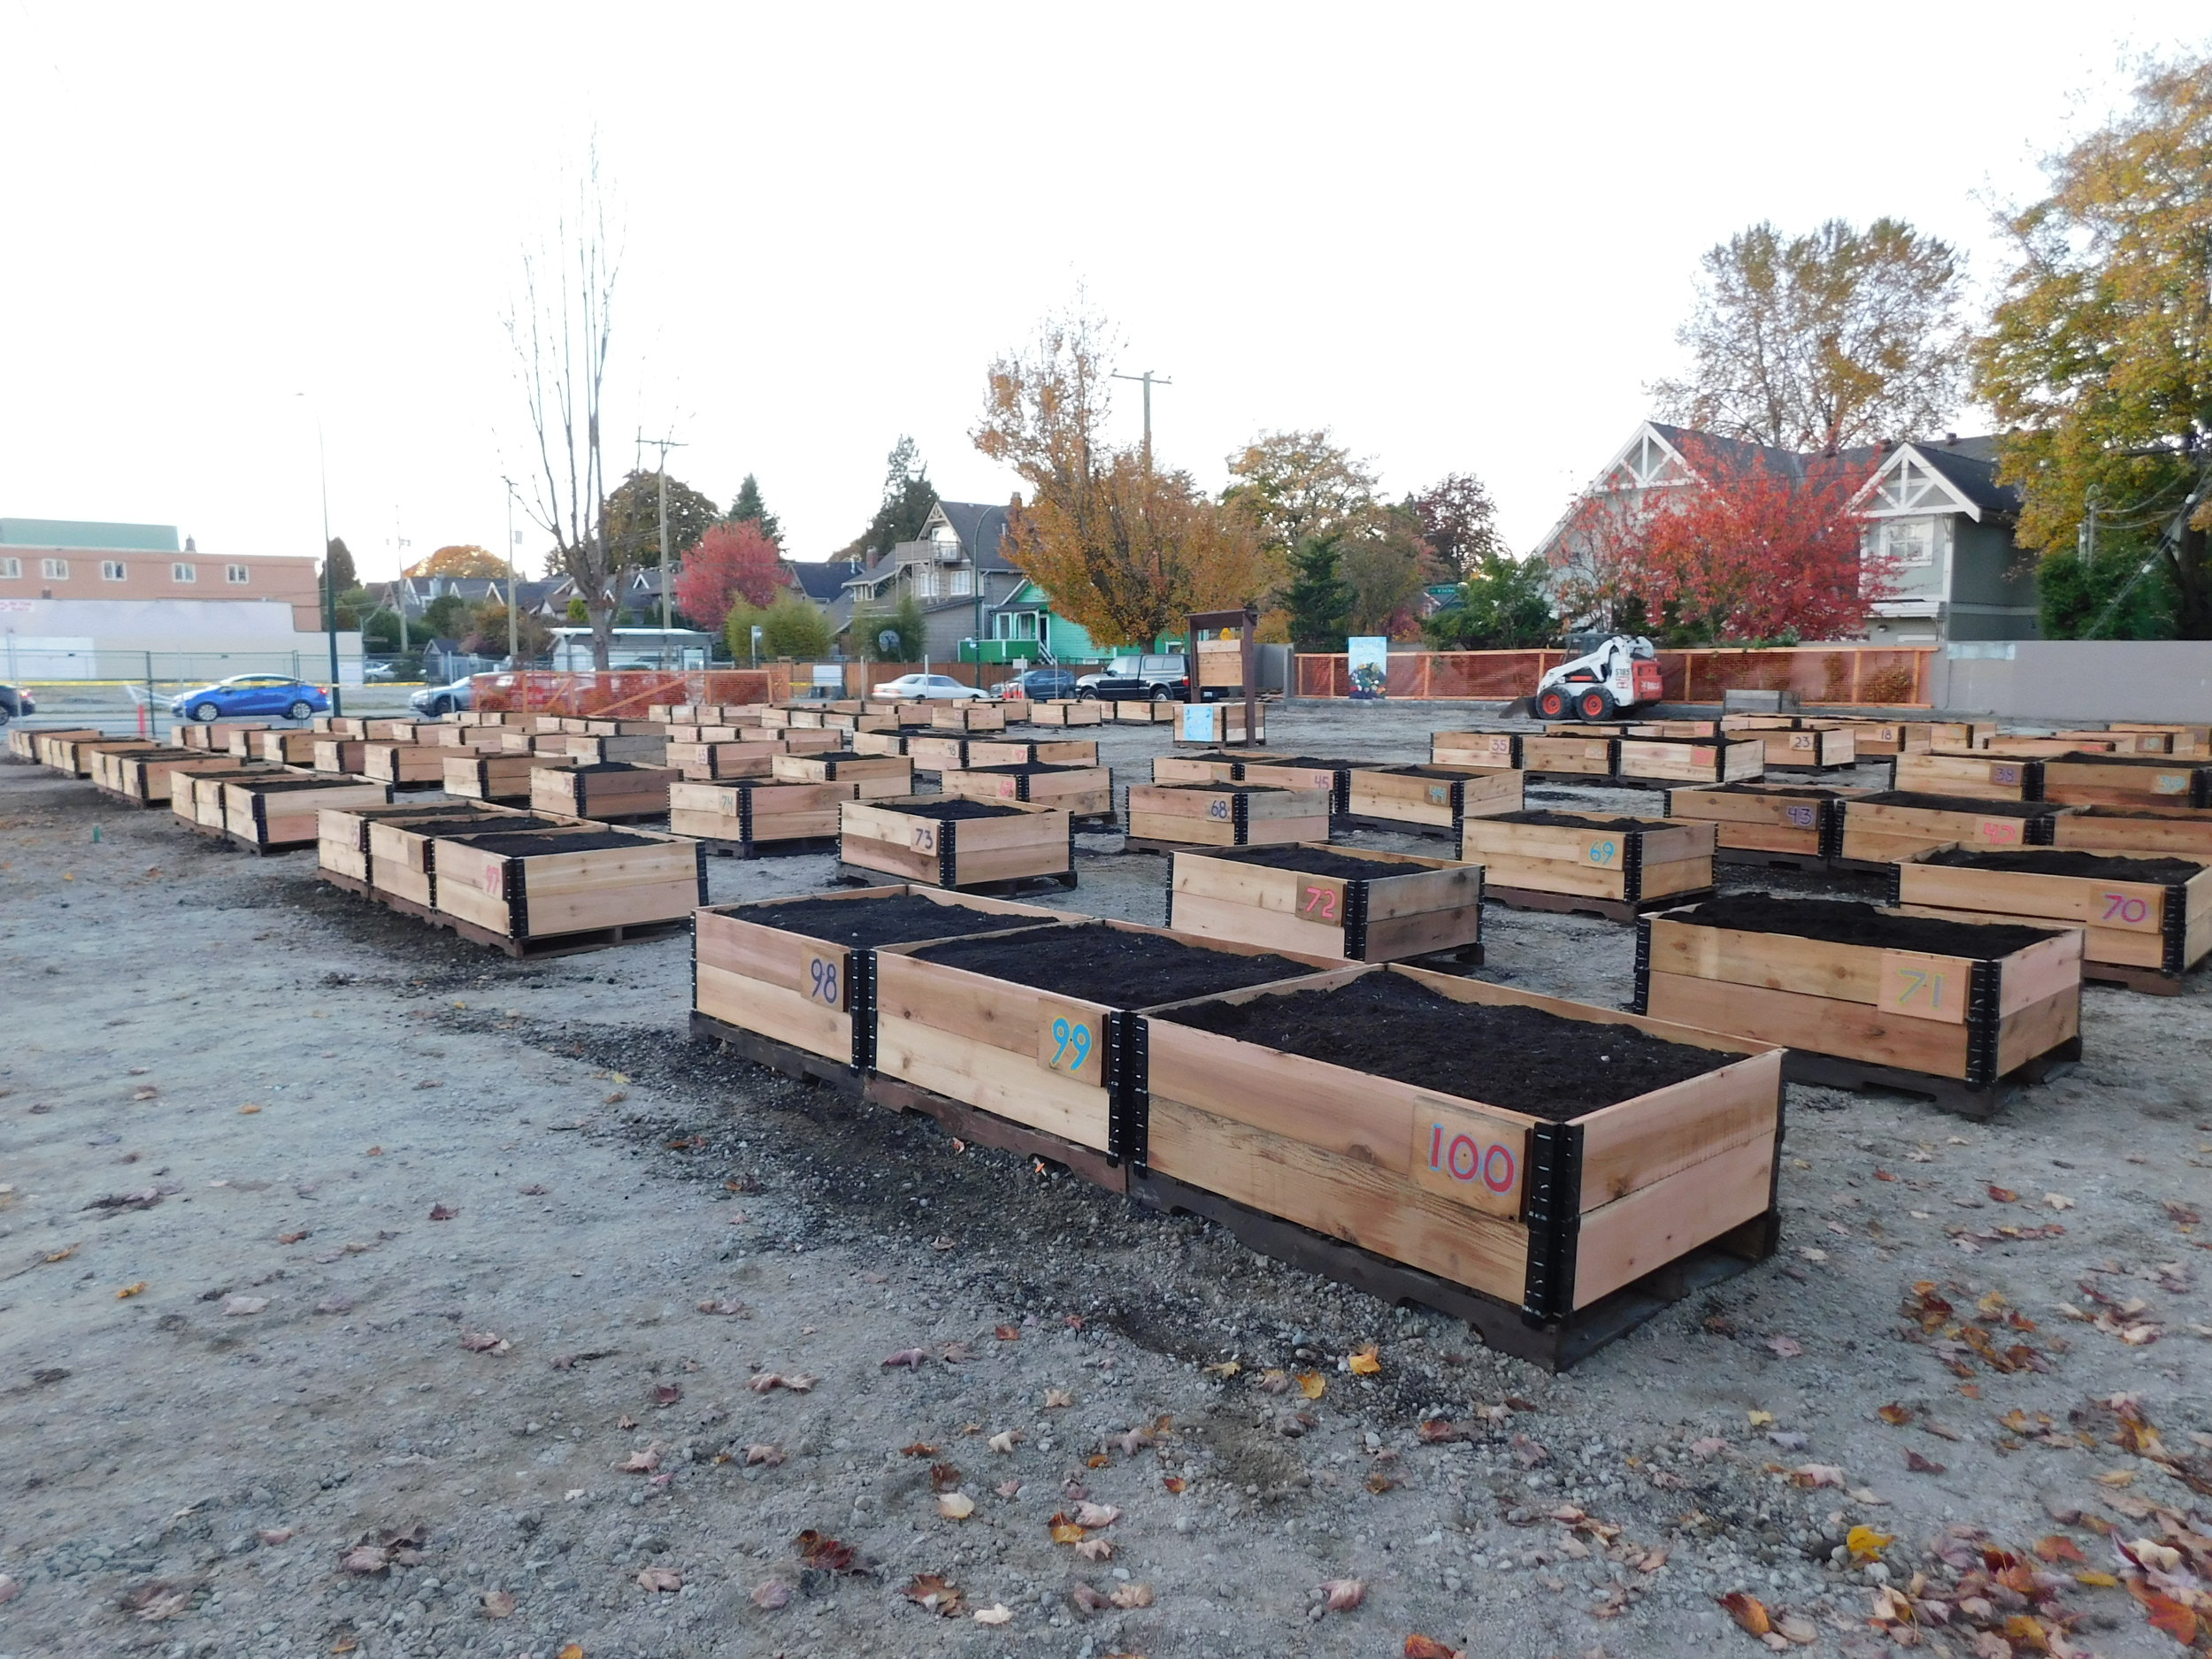 4th_Macdonald_Vancouver_Community_Garden_Builders-0026.JPG